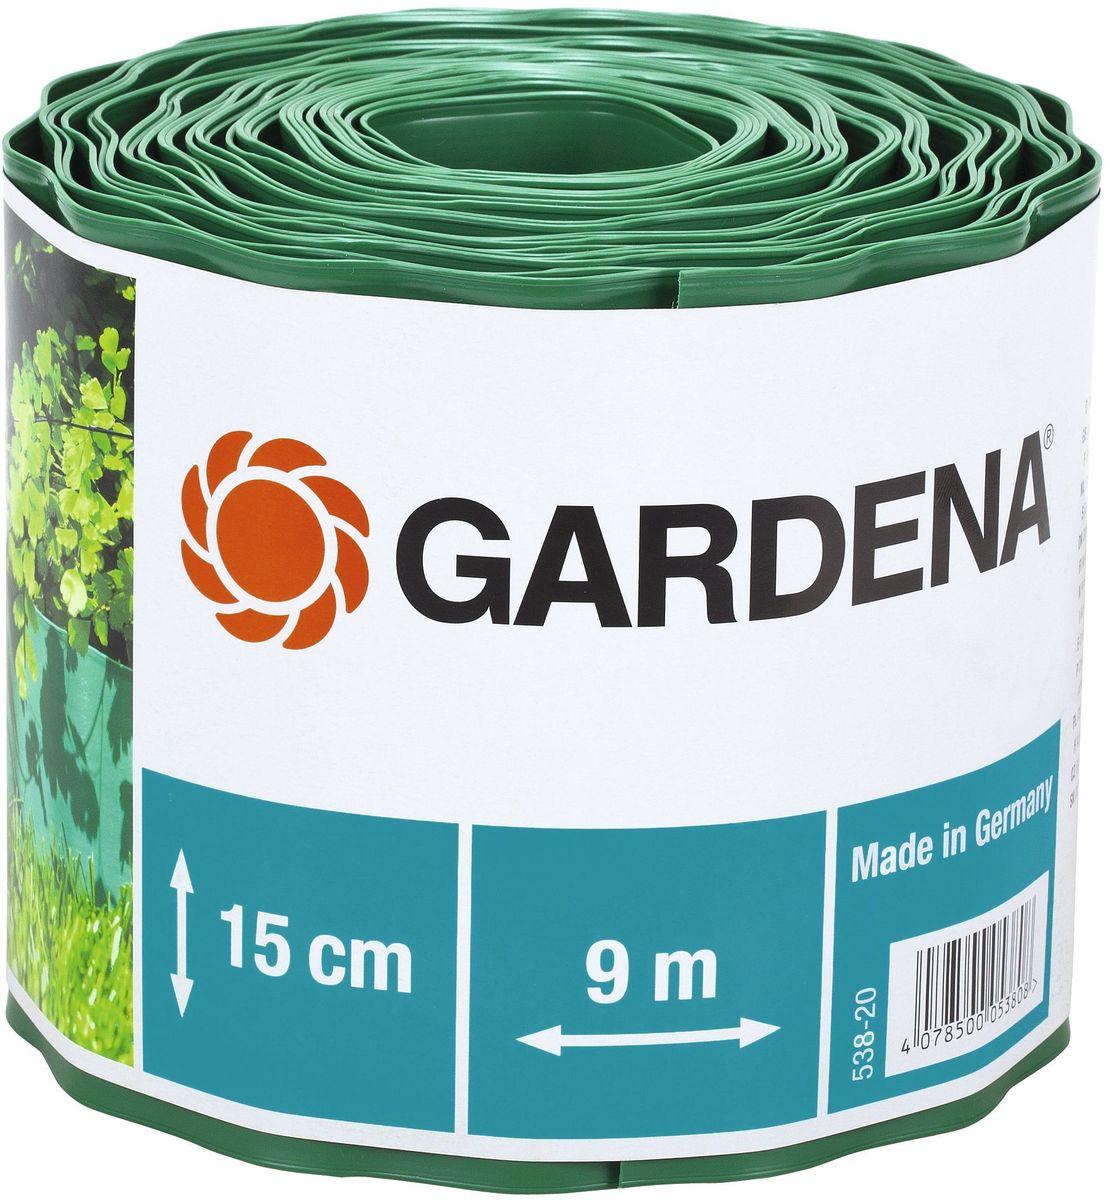 Бордюр Gardena, цвет: зеленый, ширина 15 см, длина 9 м00538-20.000.00Бордюр GARDENA, выполненный из высококачественного пластика, обеспечивает чистоту краев газона. Четкая граница предотвращает чрезмерный рост растительности и распространение корней. В рулоне 9 м бордюра высотой 9 см, 15 см или 20 см.